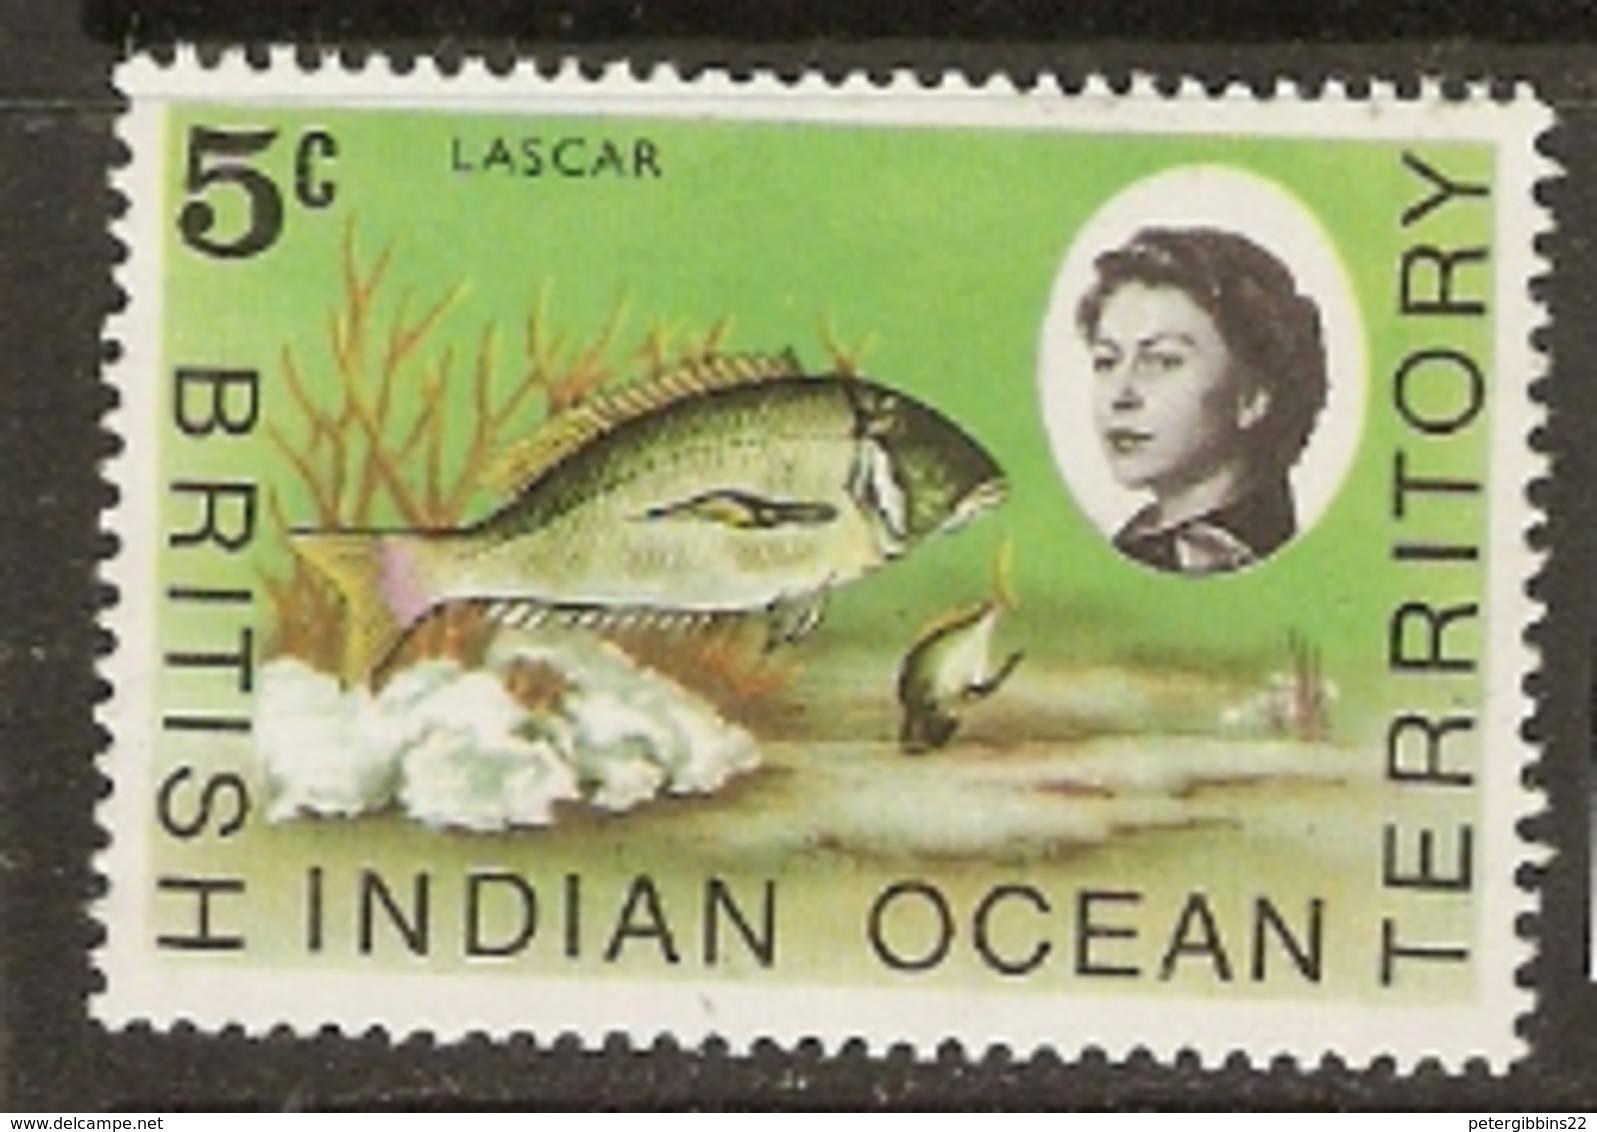 British Indian Ocean Territory   1968   SG  16  Lascar    Unnmounted Mint - British Indian Ocean Territory (BIOT)